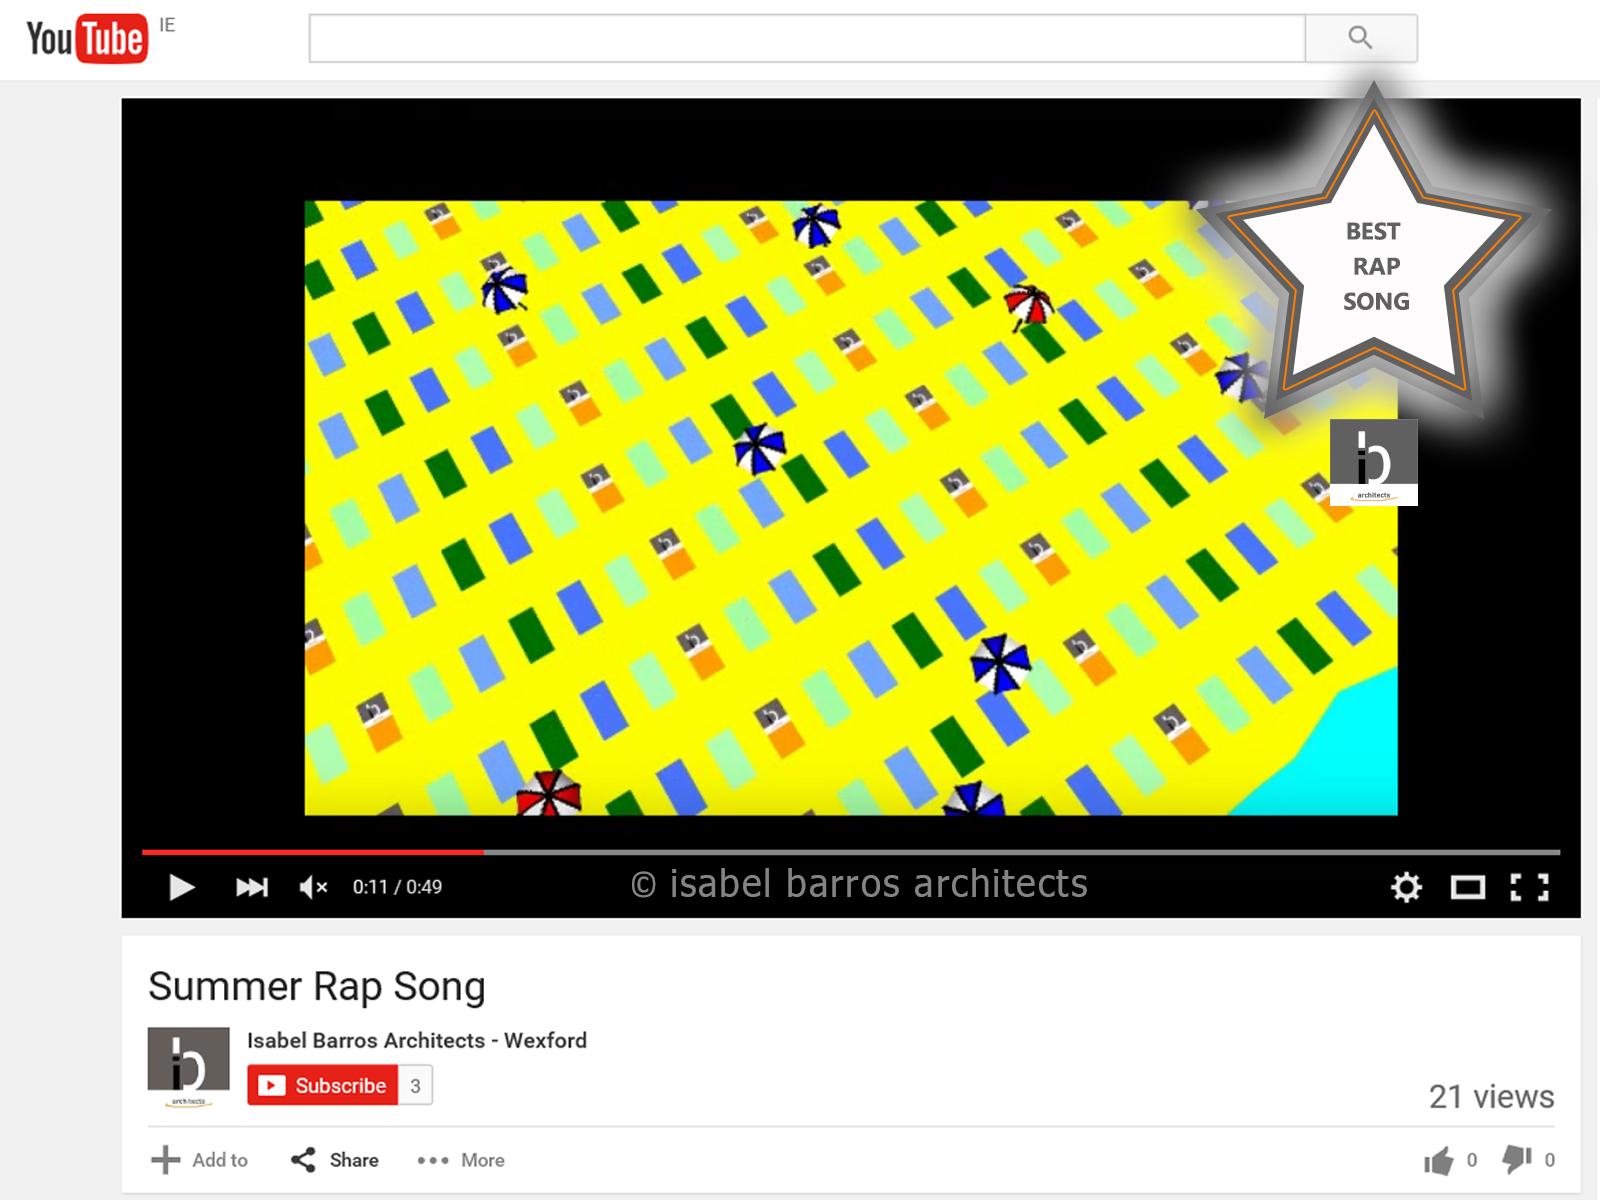 Summer Rap Song